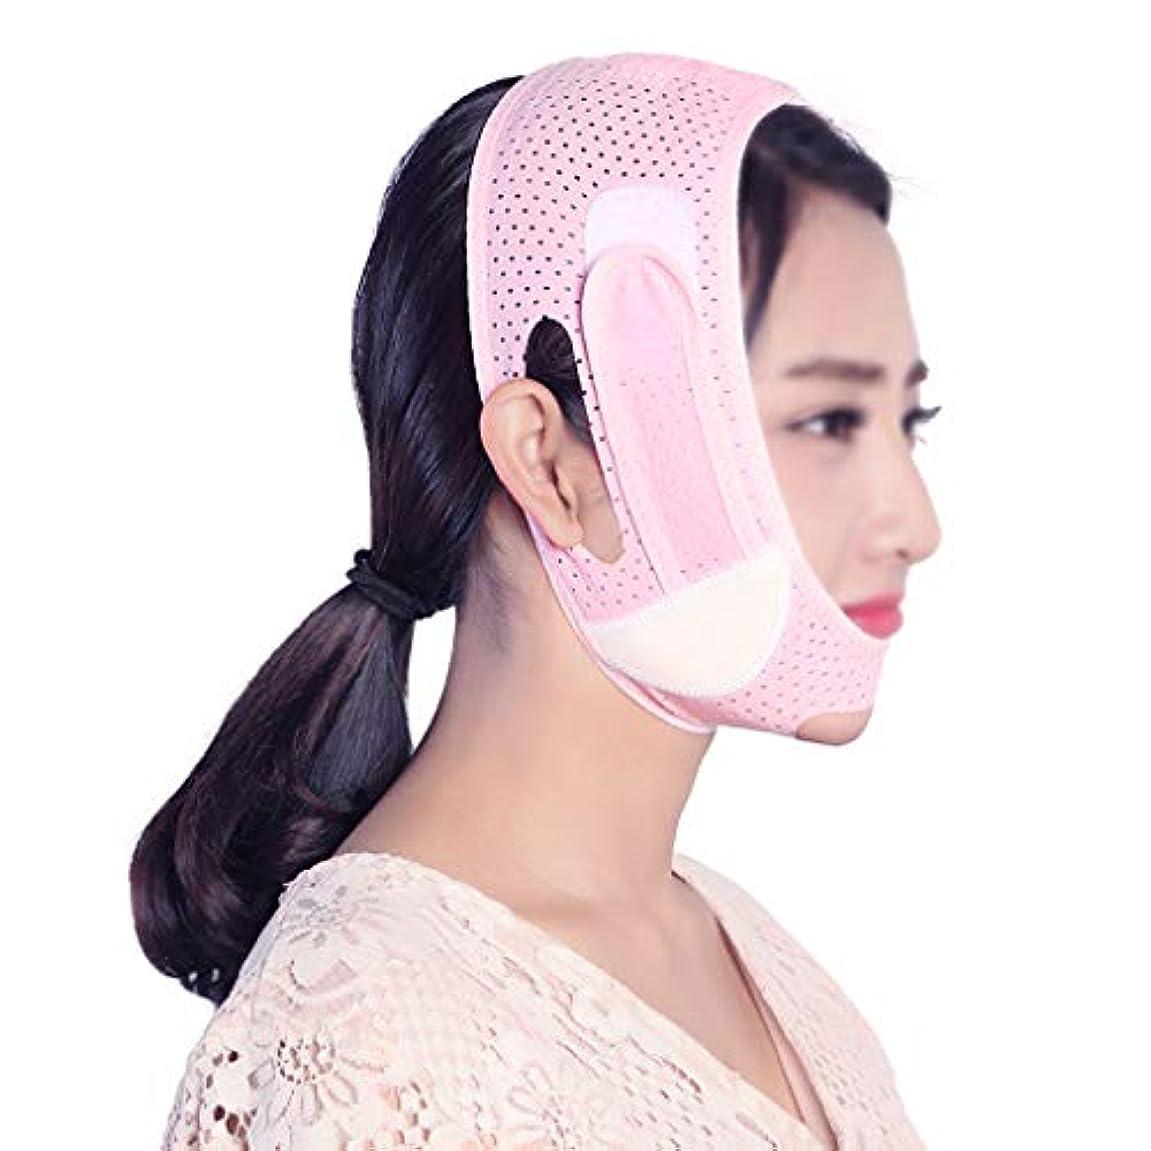 シャーロックホームズ童謡悲観主義者TLMY スリムな包帯フェイシャルトリートメント強化フェイシャルチークV型アンチリンクルダブルチンビューティツール 顔用整形マスク